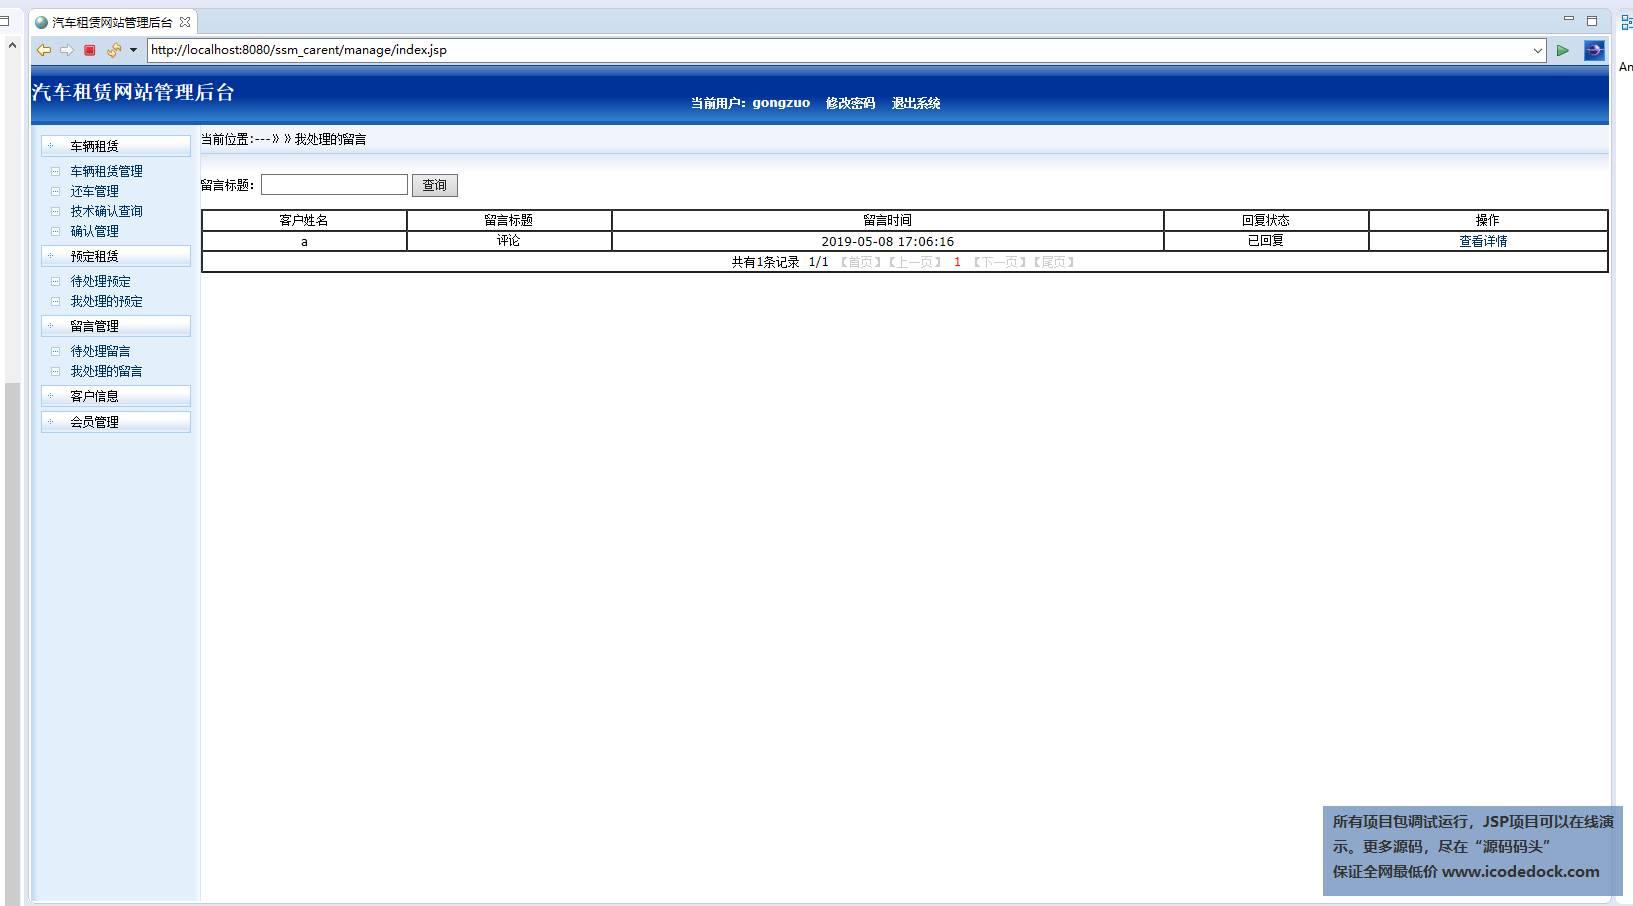 源码码头-SSM汽车出租管理系统-工作人员角色-留言管理